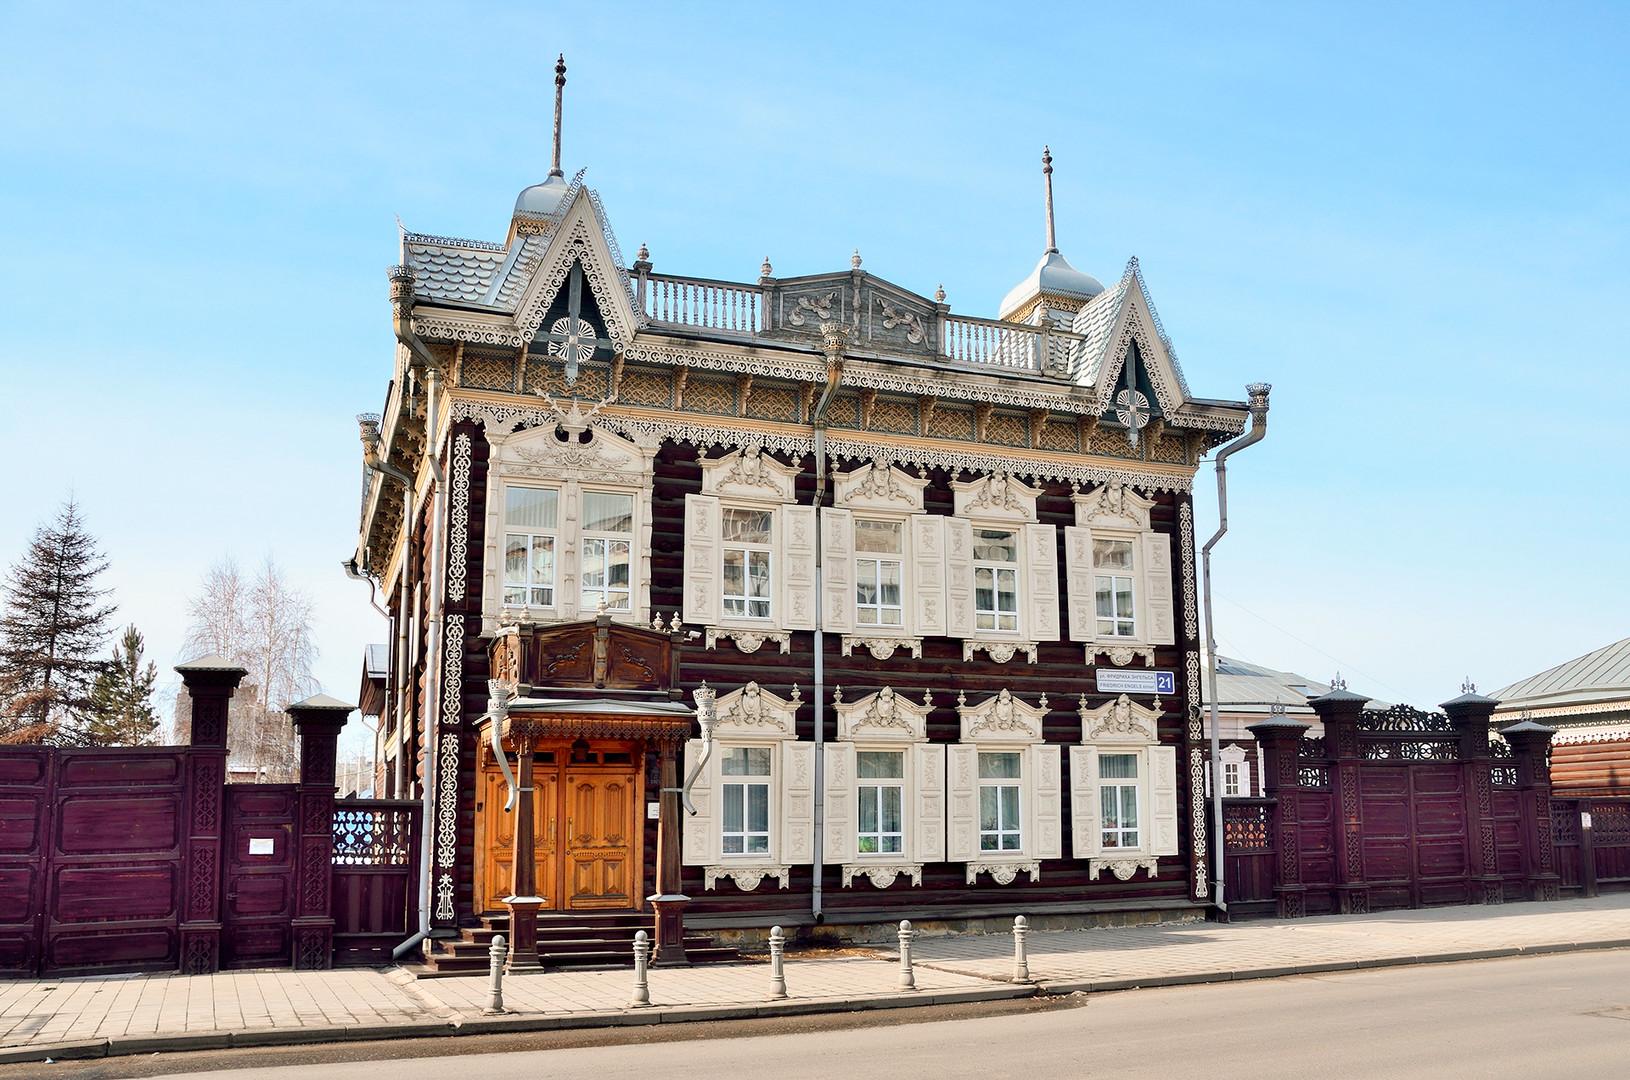 The Europe House (Shastin's House) in Irkutsk.